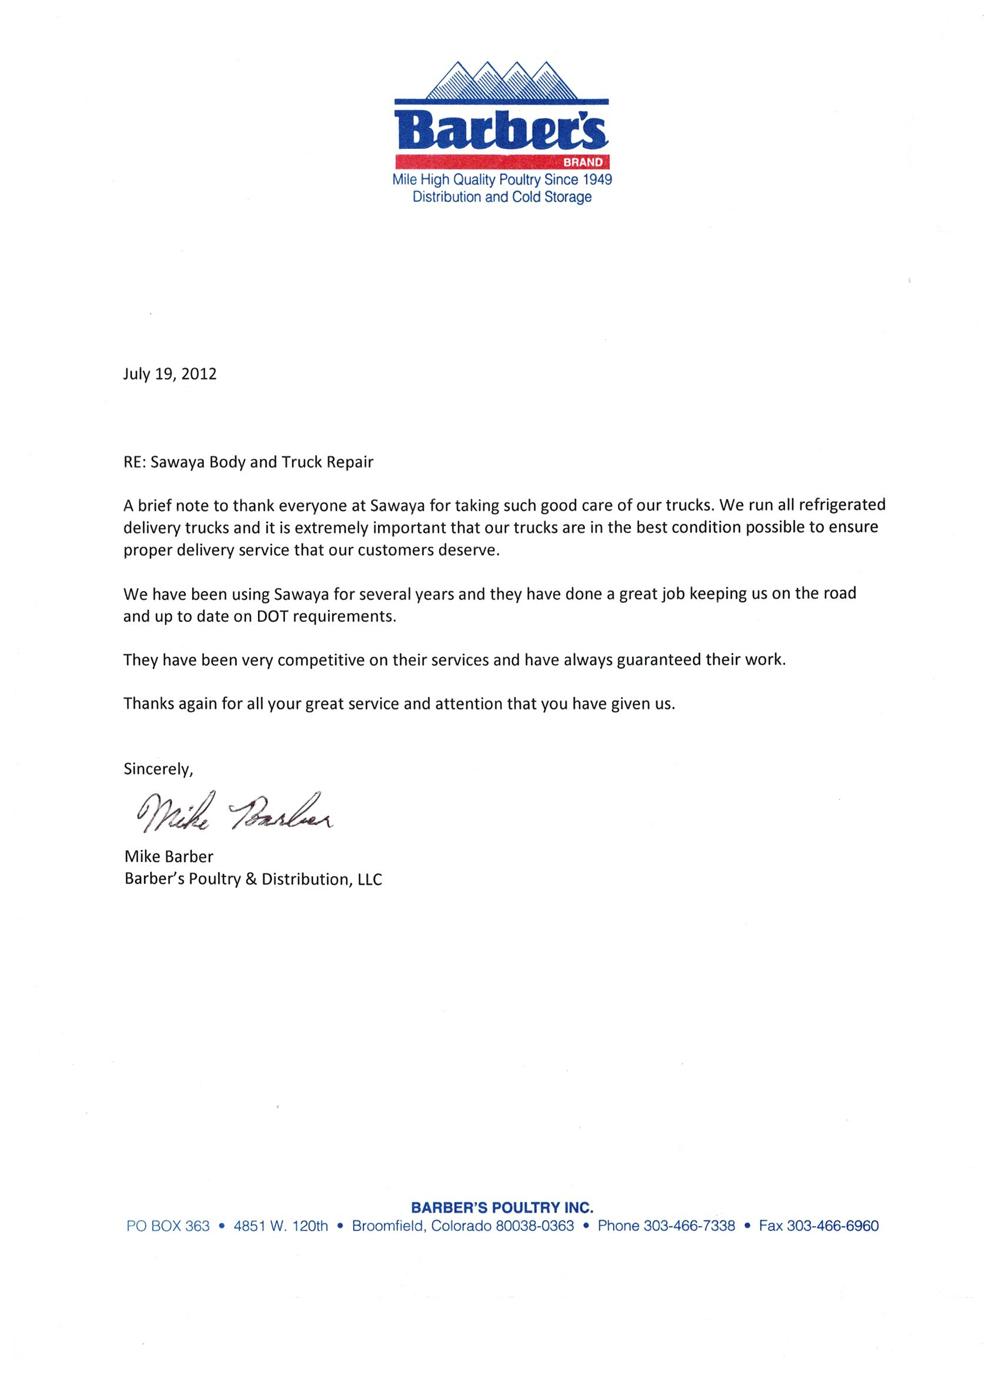 Barber''s Poultry Test Letter